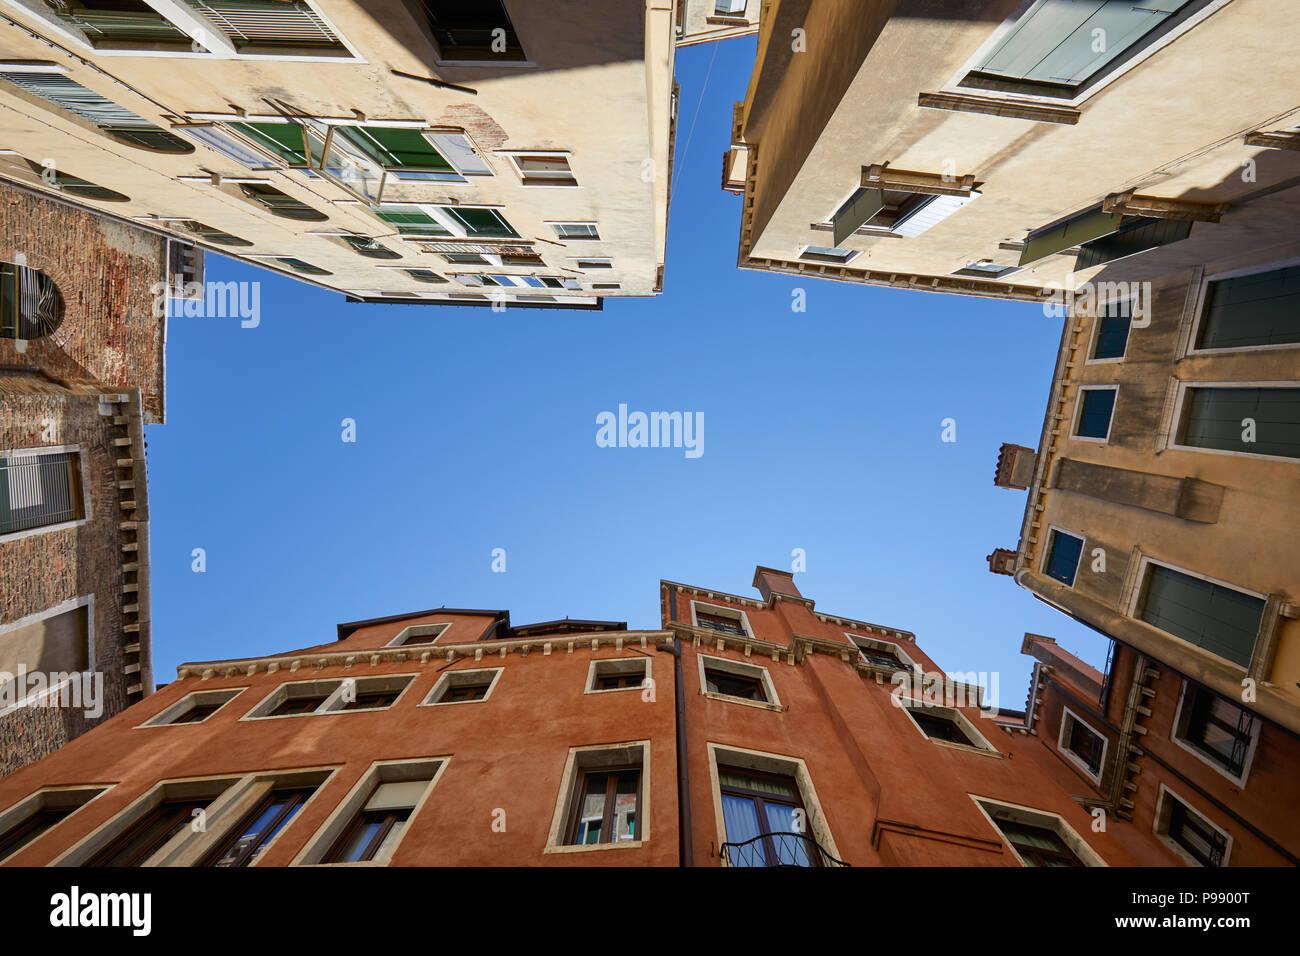 Venedig Gebäude und Häuser Fassaden Low Angle View an einem sonnigen Tag, blauer Himmel in Italien Stockbild